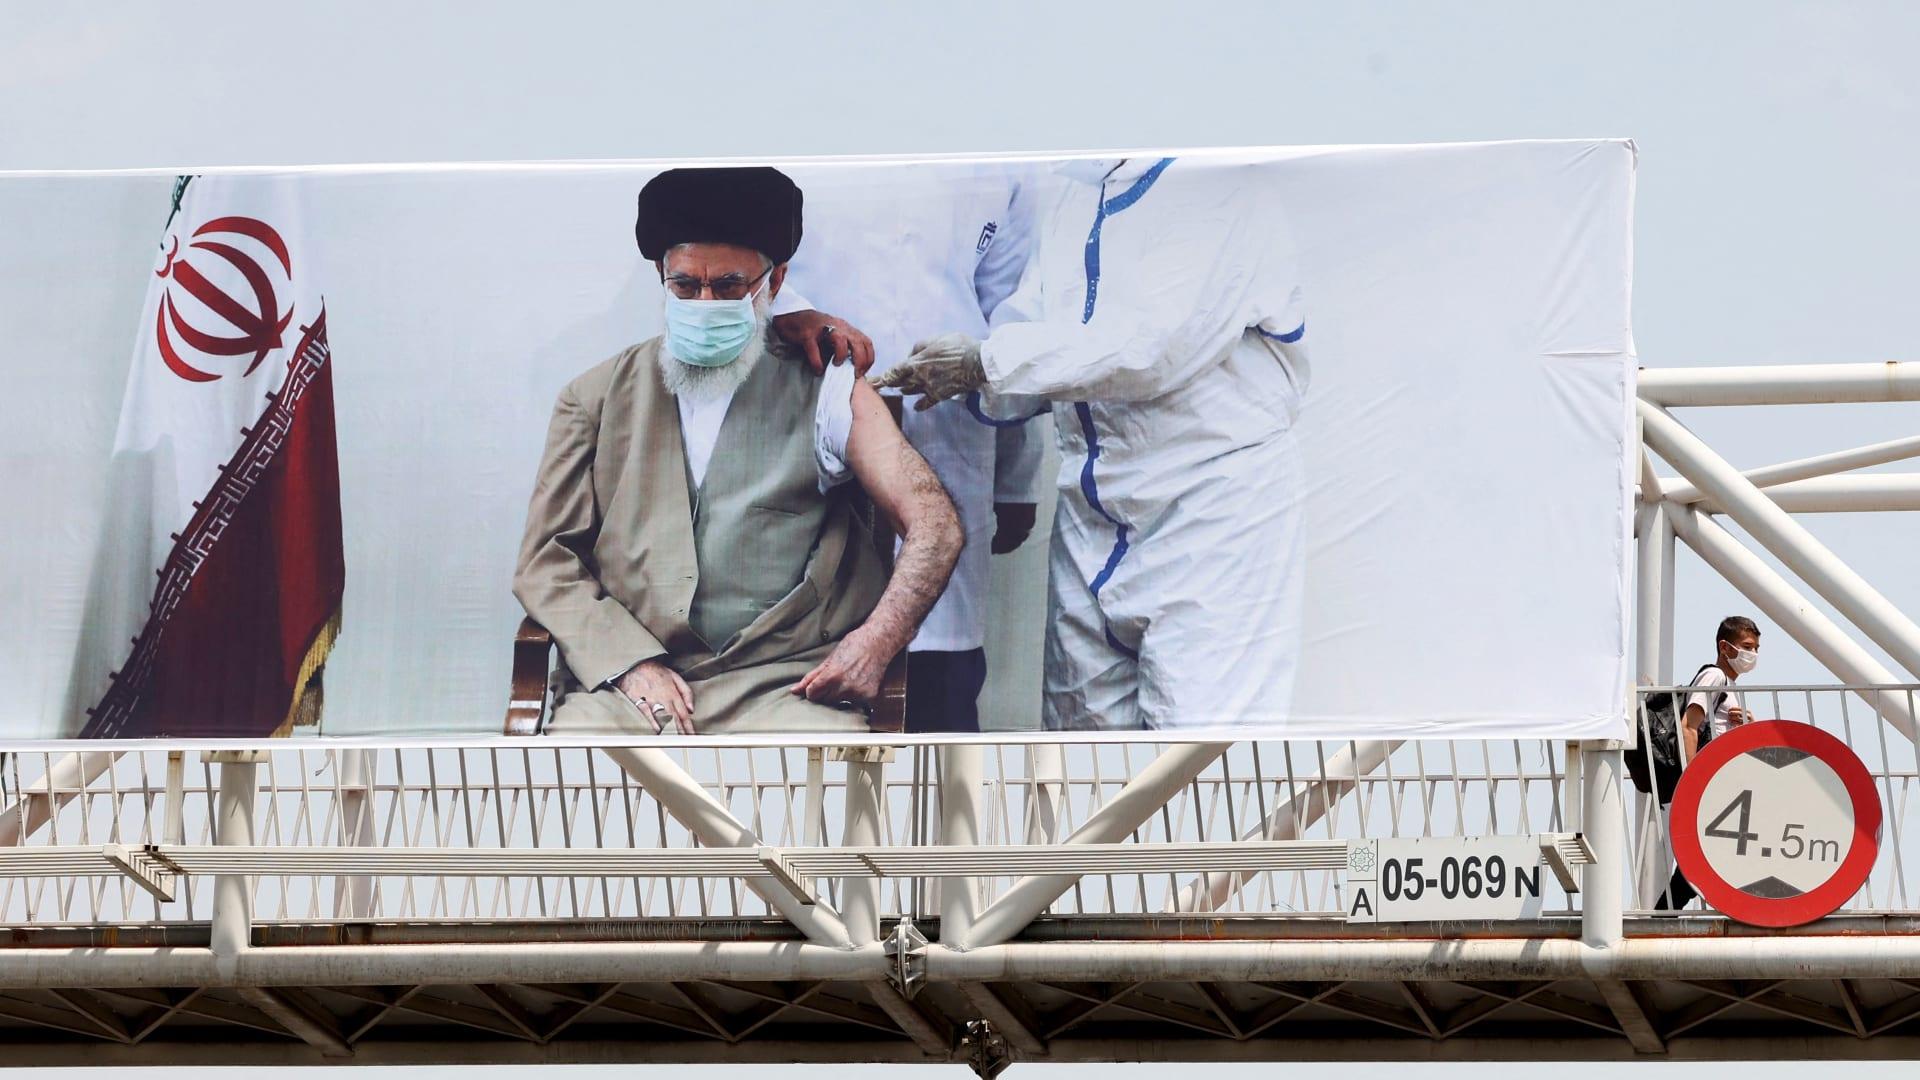 لافتة تظهر المرشد الإيراني علي خامنئي وهو يتلقى لقاحًا ضد فيروس كورونا، في العاصمة طهران - في 3 يوليو / تموز 2021.